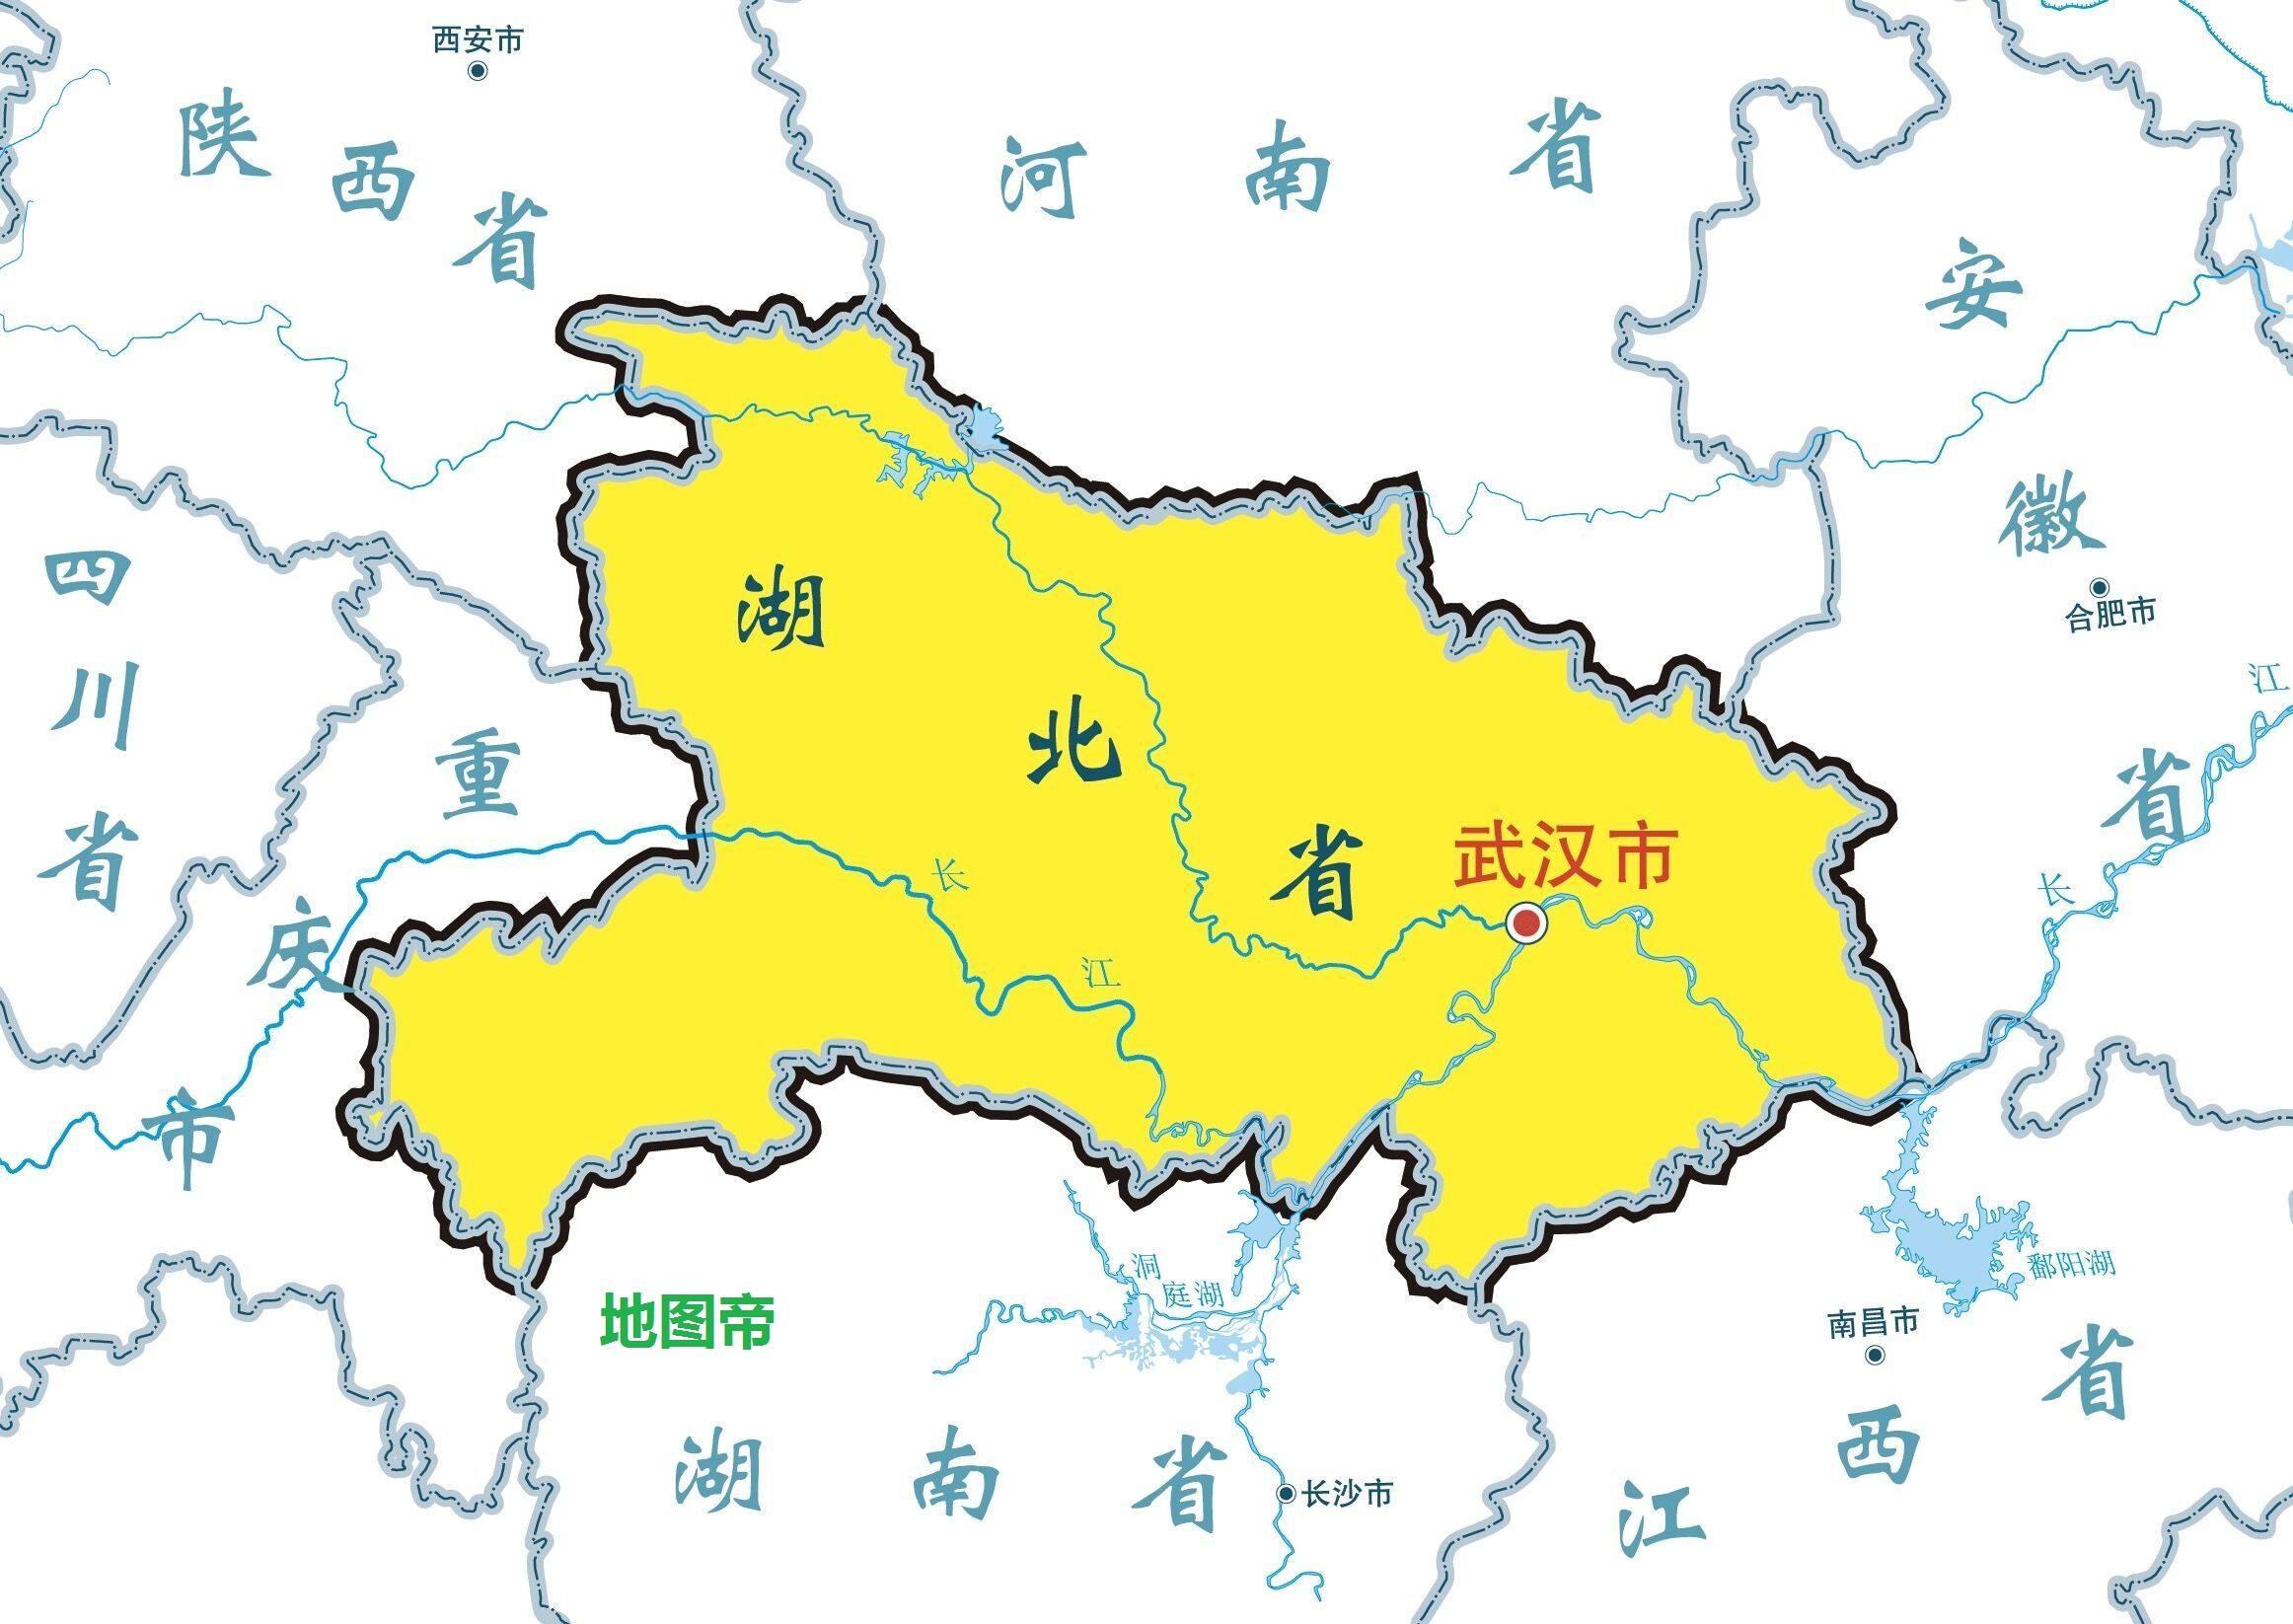 直辖市有哪几个_除了京津沪渝,中国还有过几个直辖市?